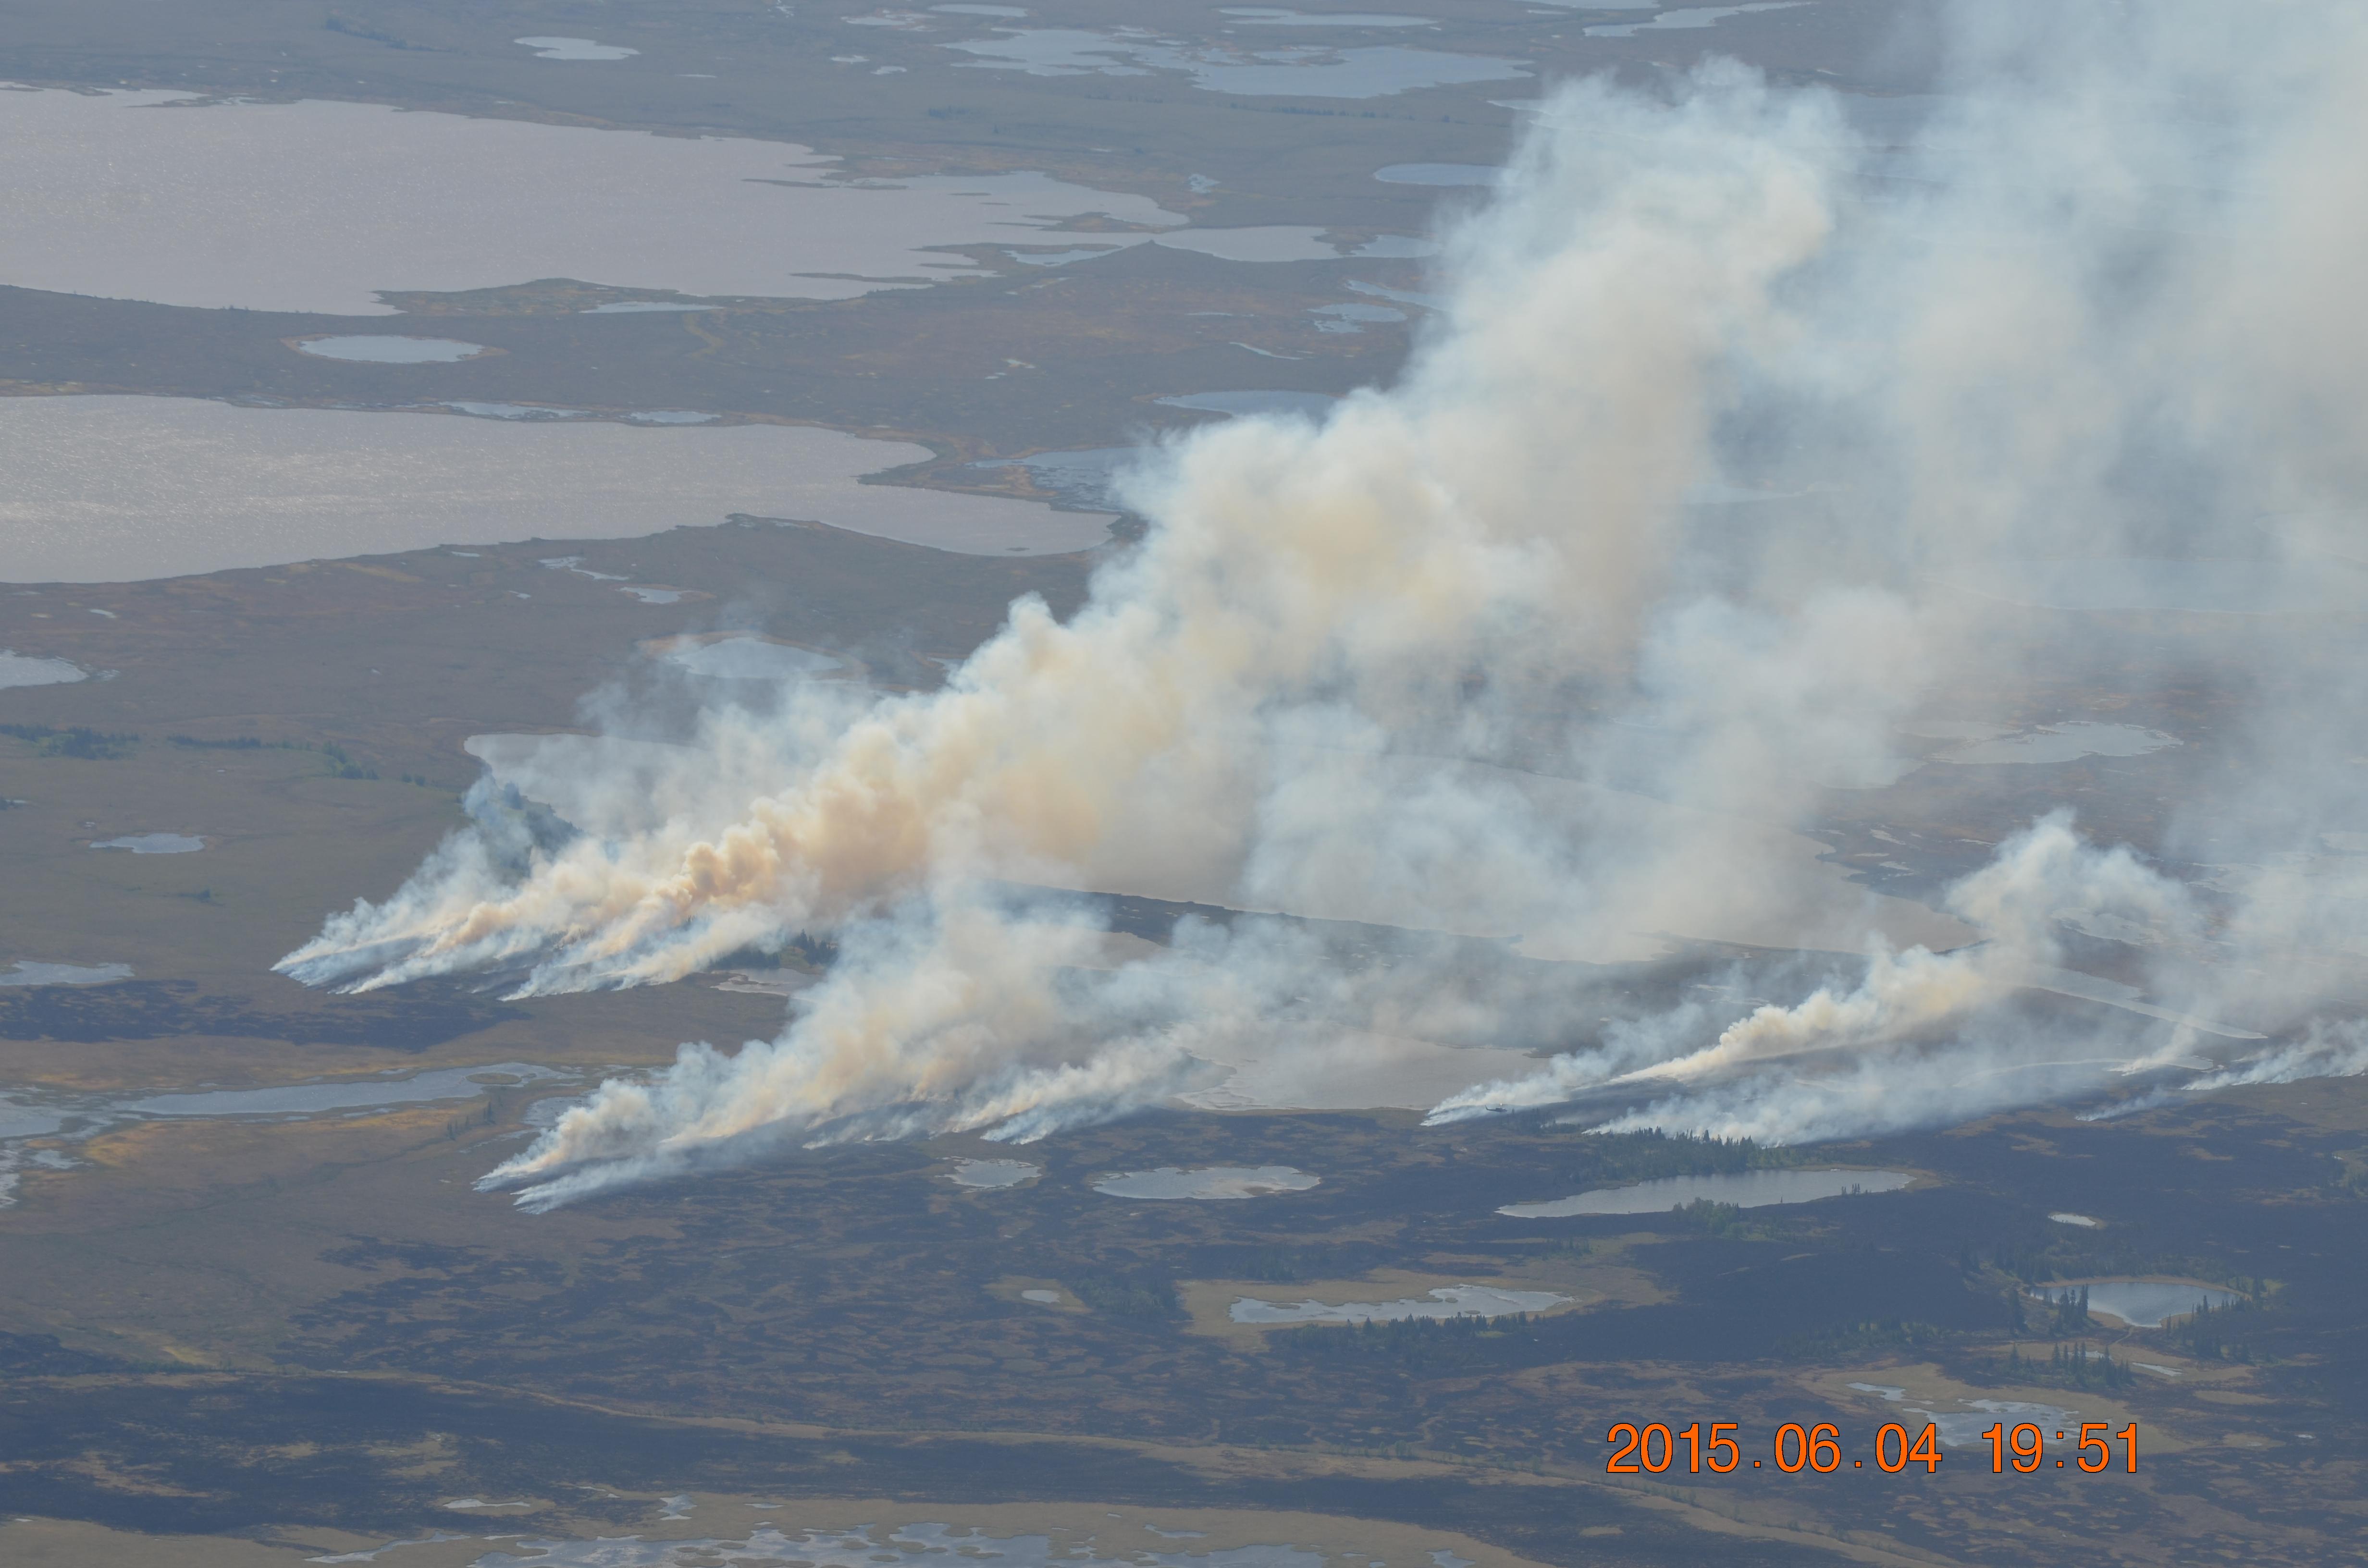 Multiple wildfires burning near Aniak, Alaska, in June 2015.